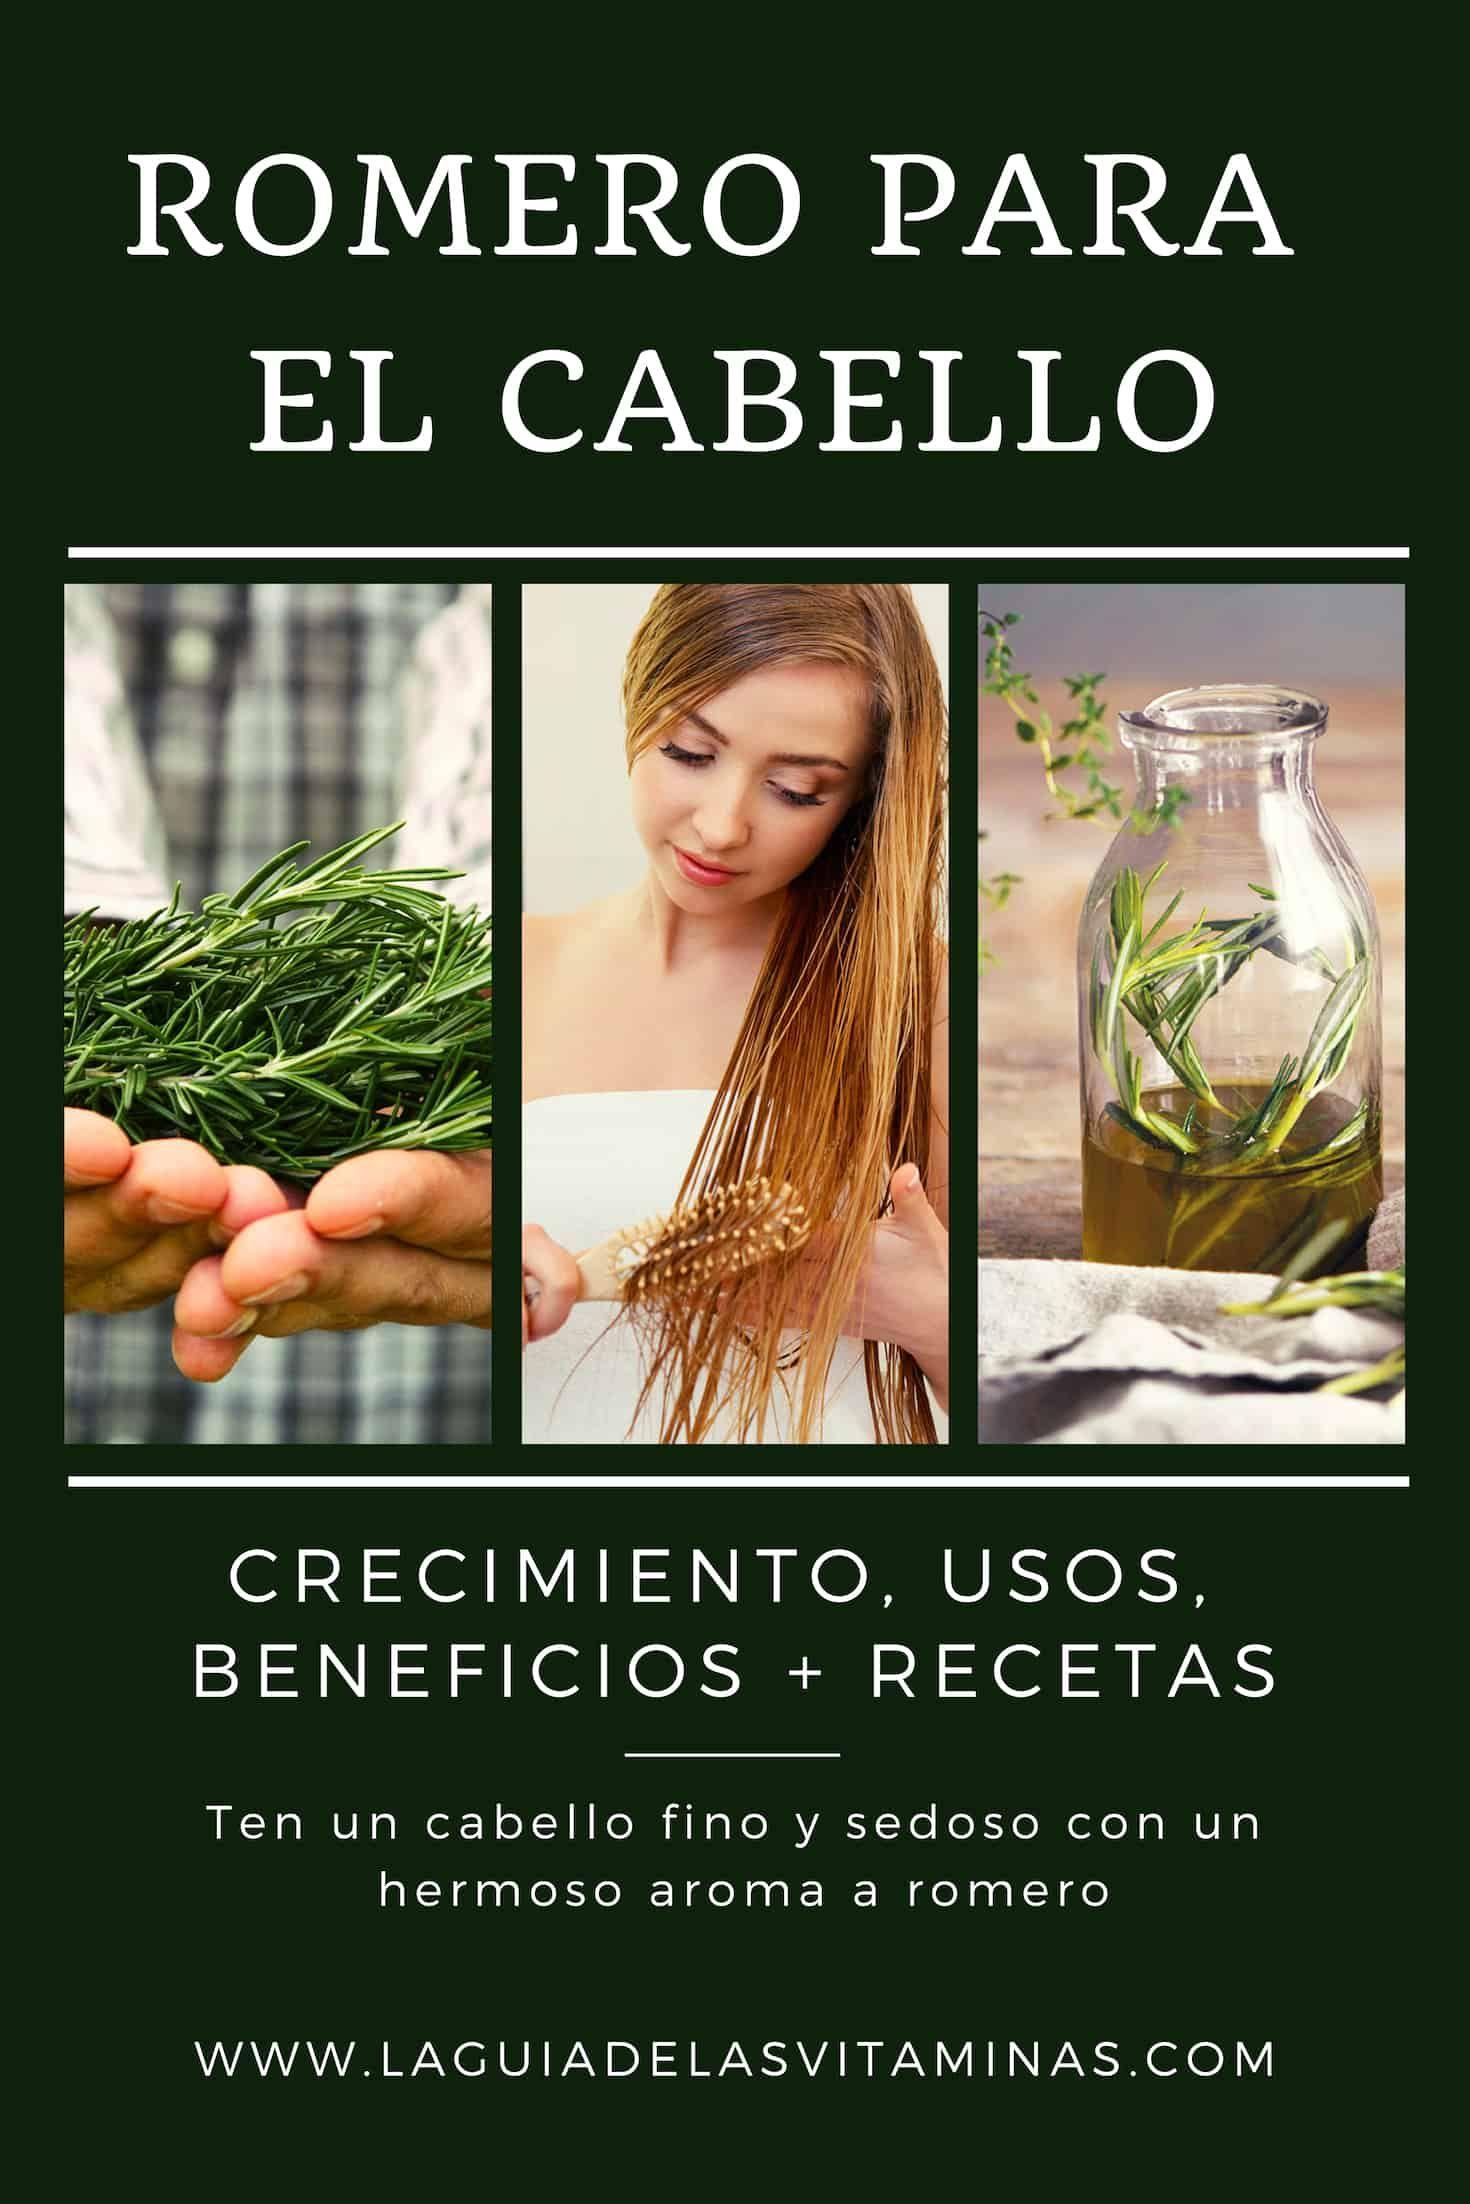 Romero para el cabello: crecimiento, usos, beneficios + recetas